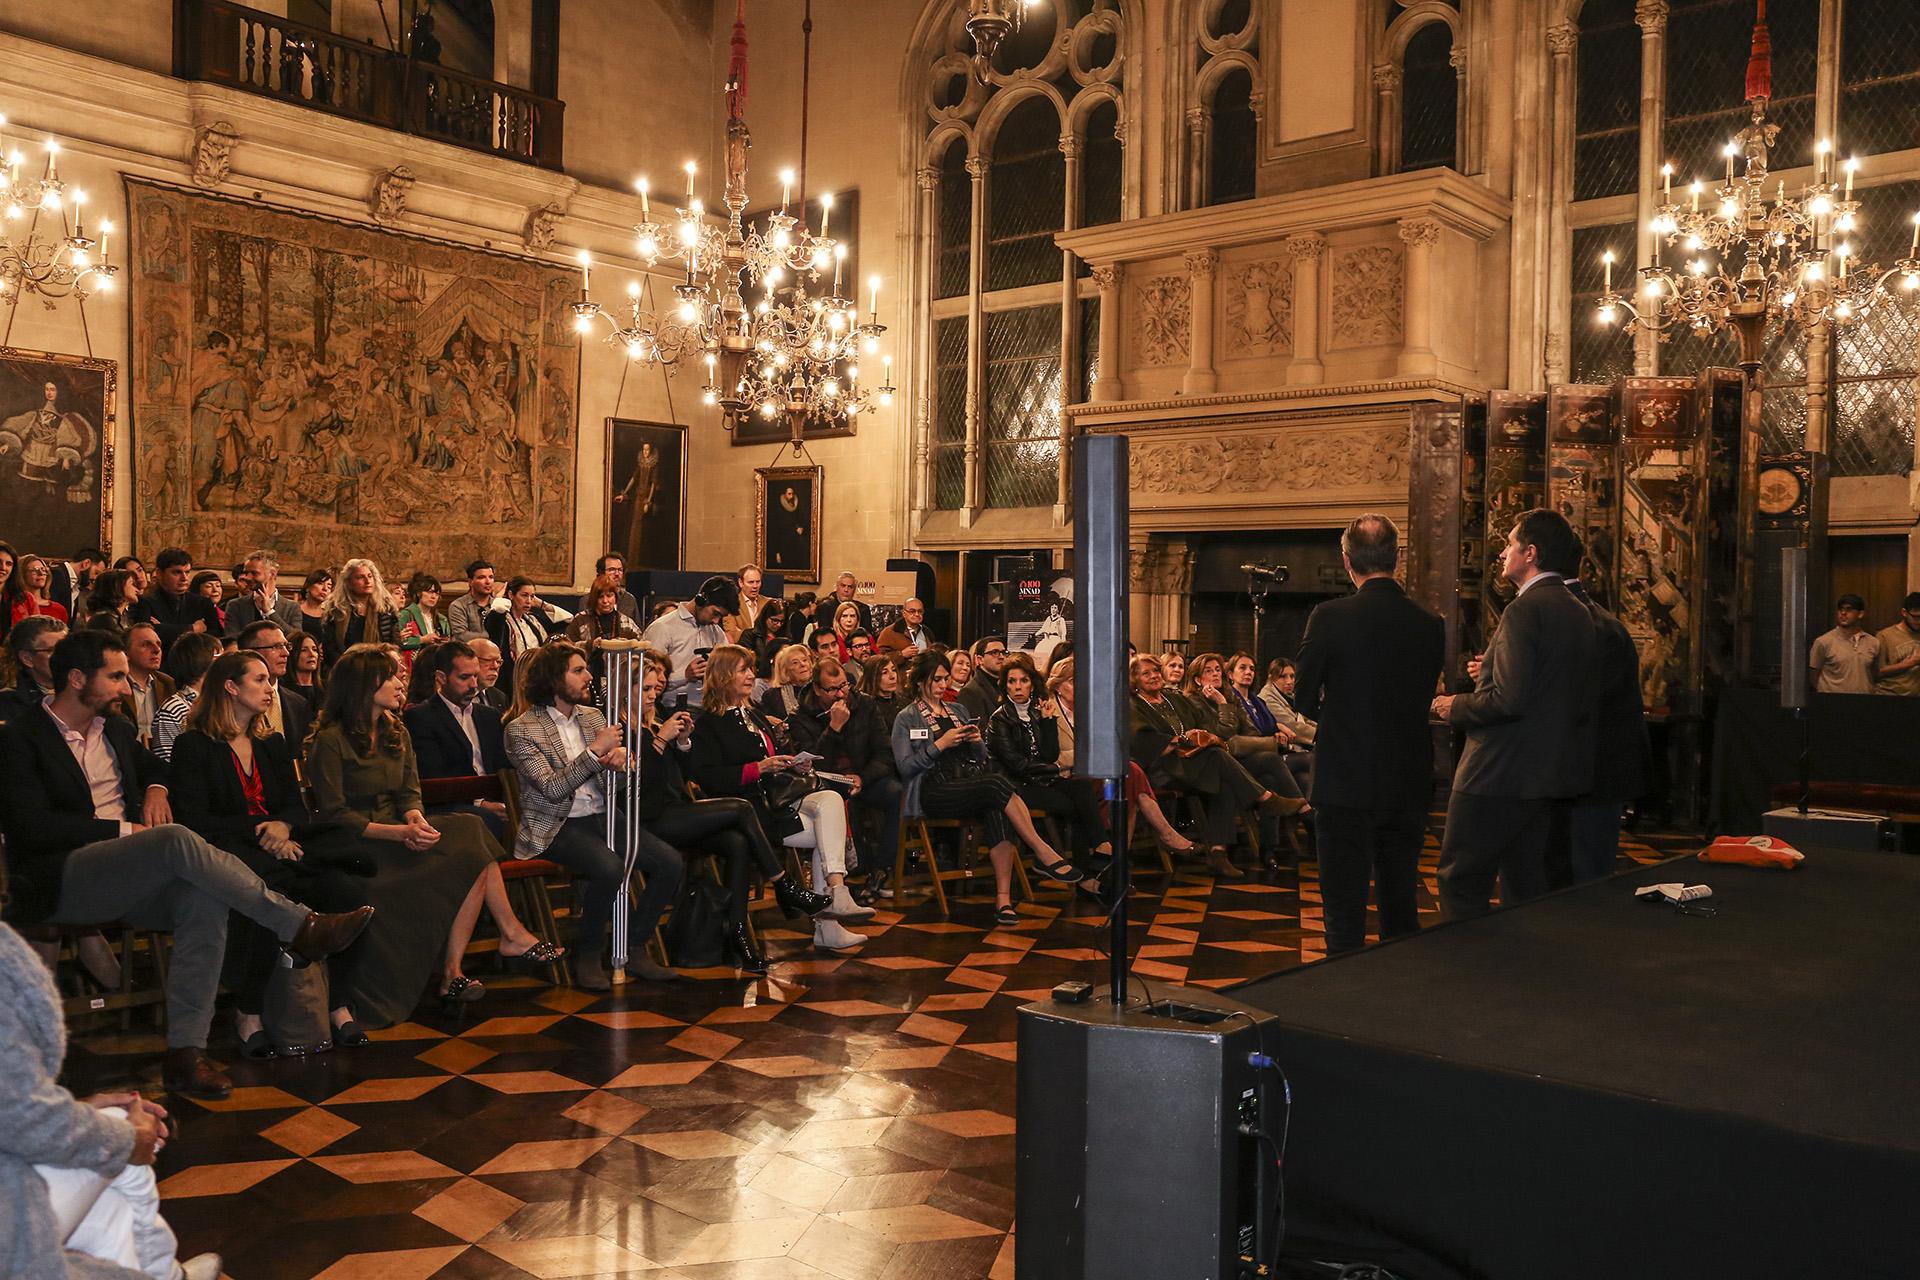 Buenos Aires fue seleccionada como la primera ciudad hispanoparlante para recibir la exposición global, con la que VIA (Valorización de la Innovación en el Diseño de Muebles) y el Instituto Francés, presentan la creatividad de su diseño y promueven, en todo el mundo, la industria francesa del mueble